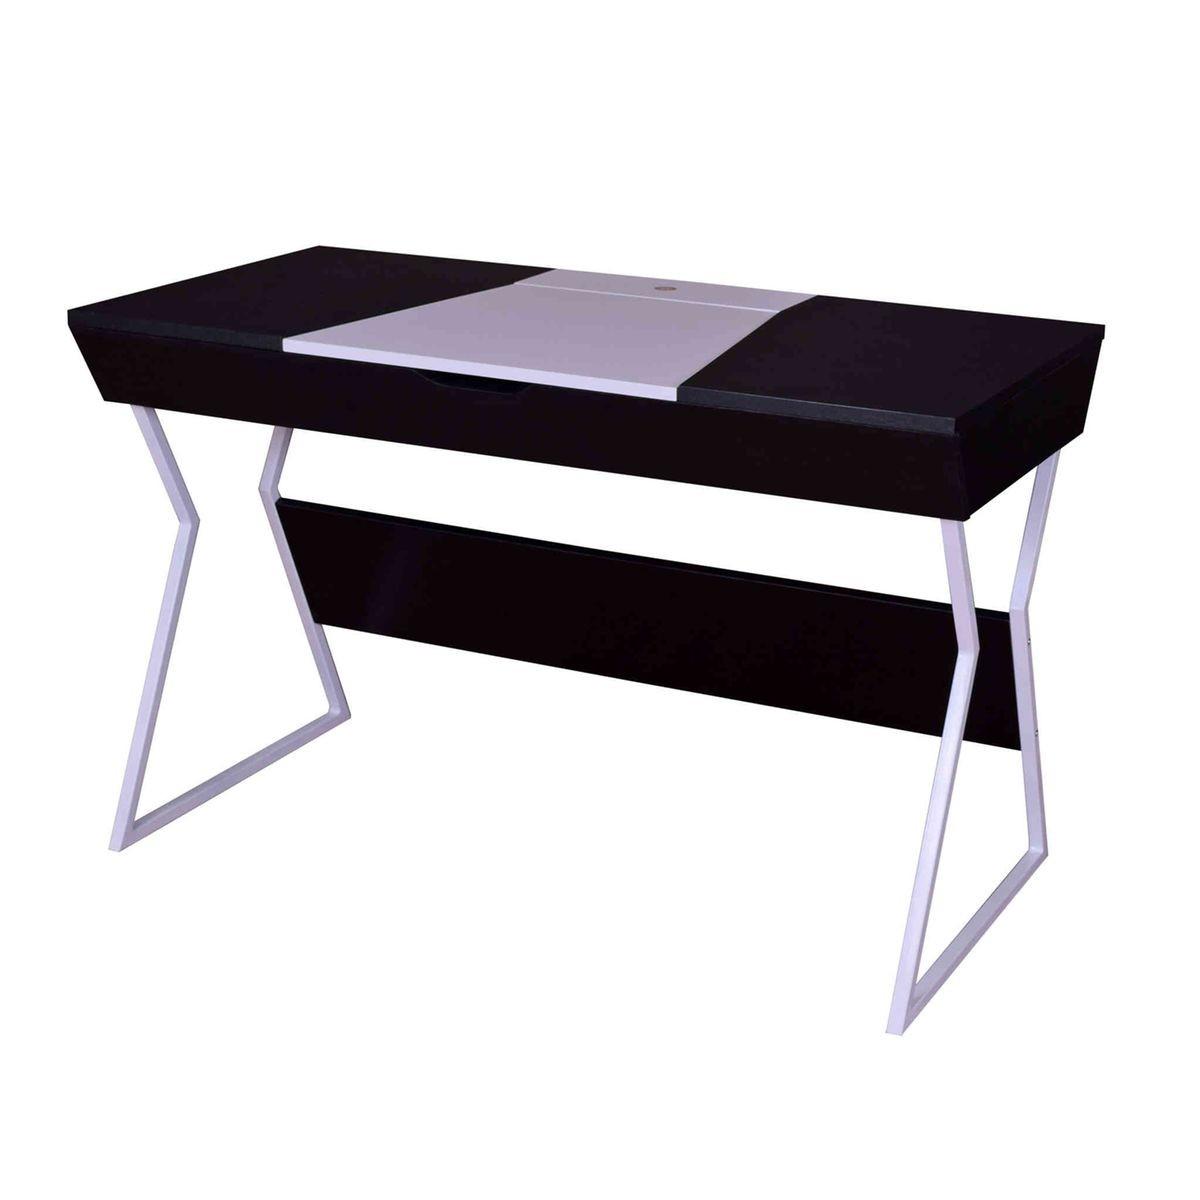 Bureau Noir Et Blanc bureau bois noir, blanc avec rangement bu4014 - taille : s